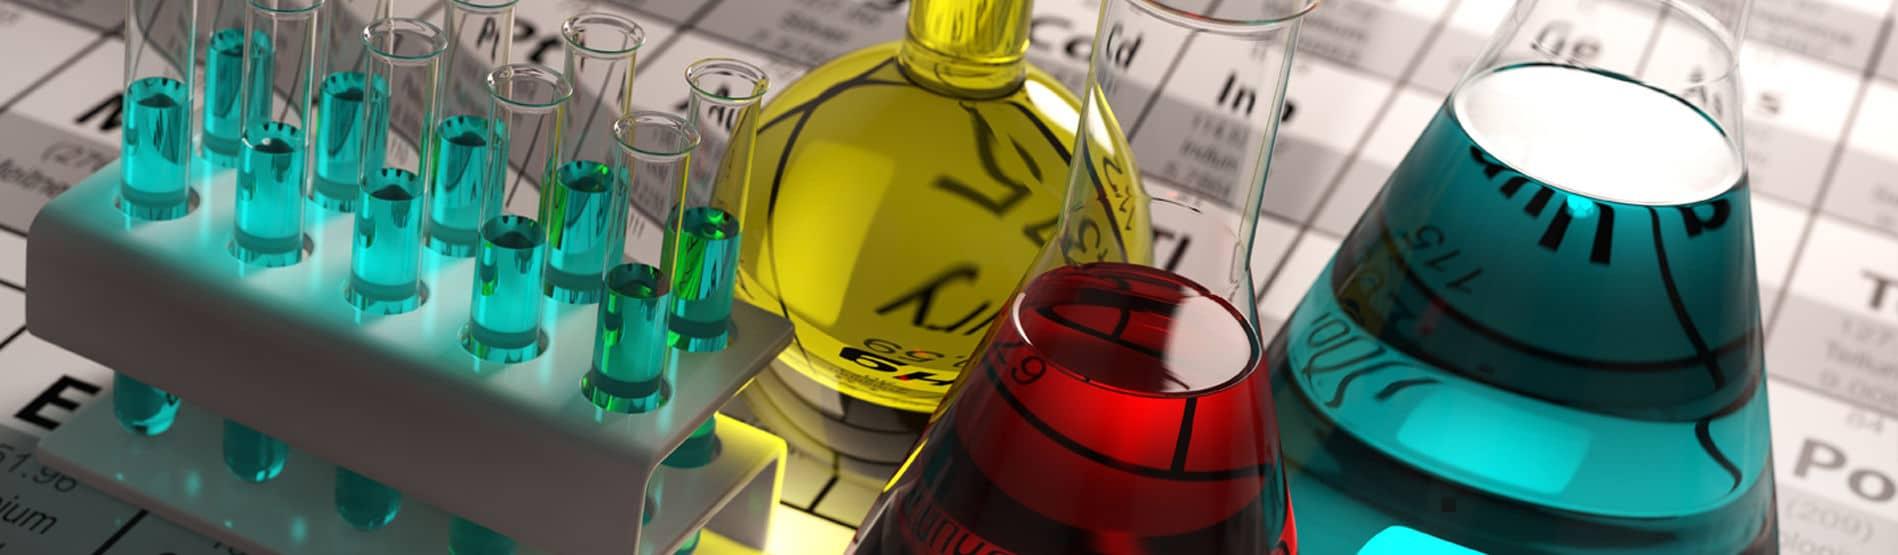 خدمات بسته بندی مواد شیمیایی و پلیمری